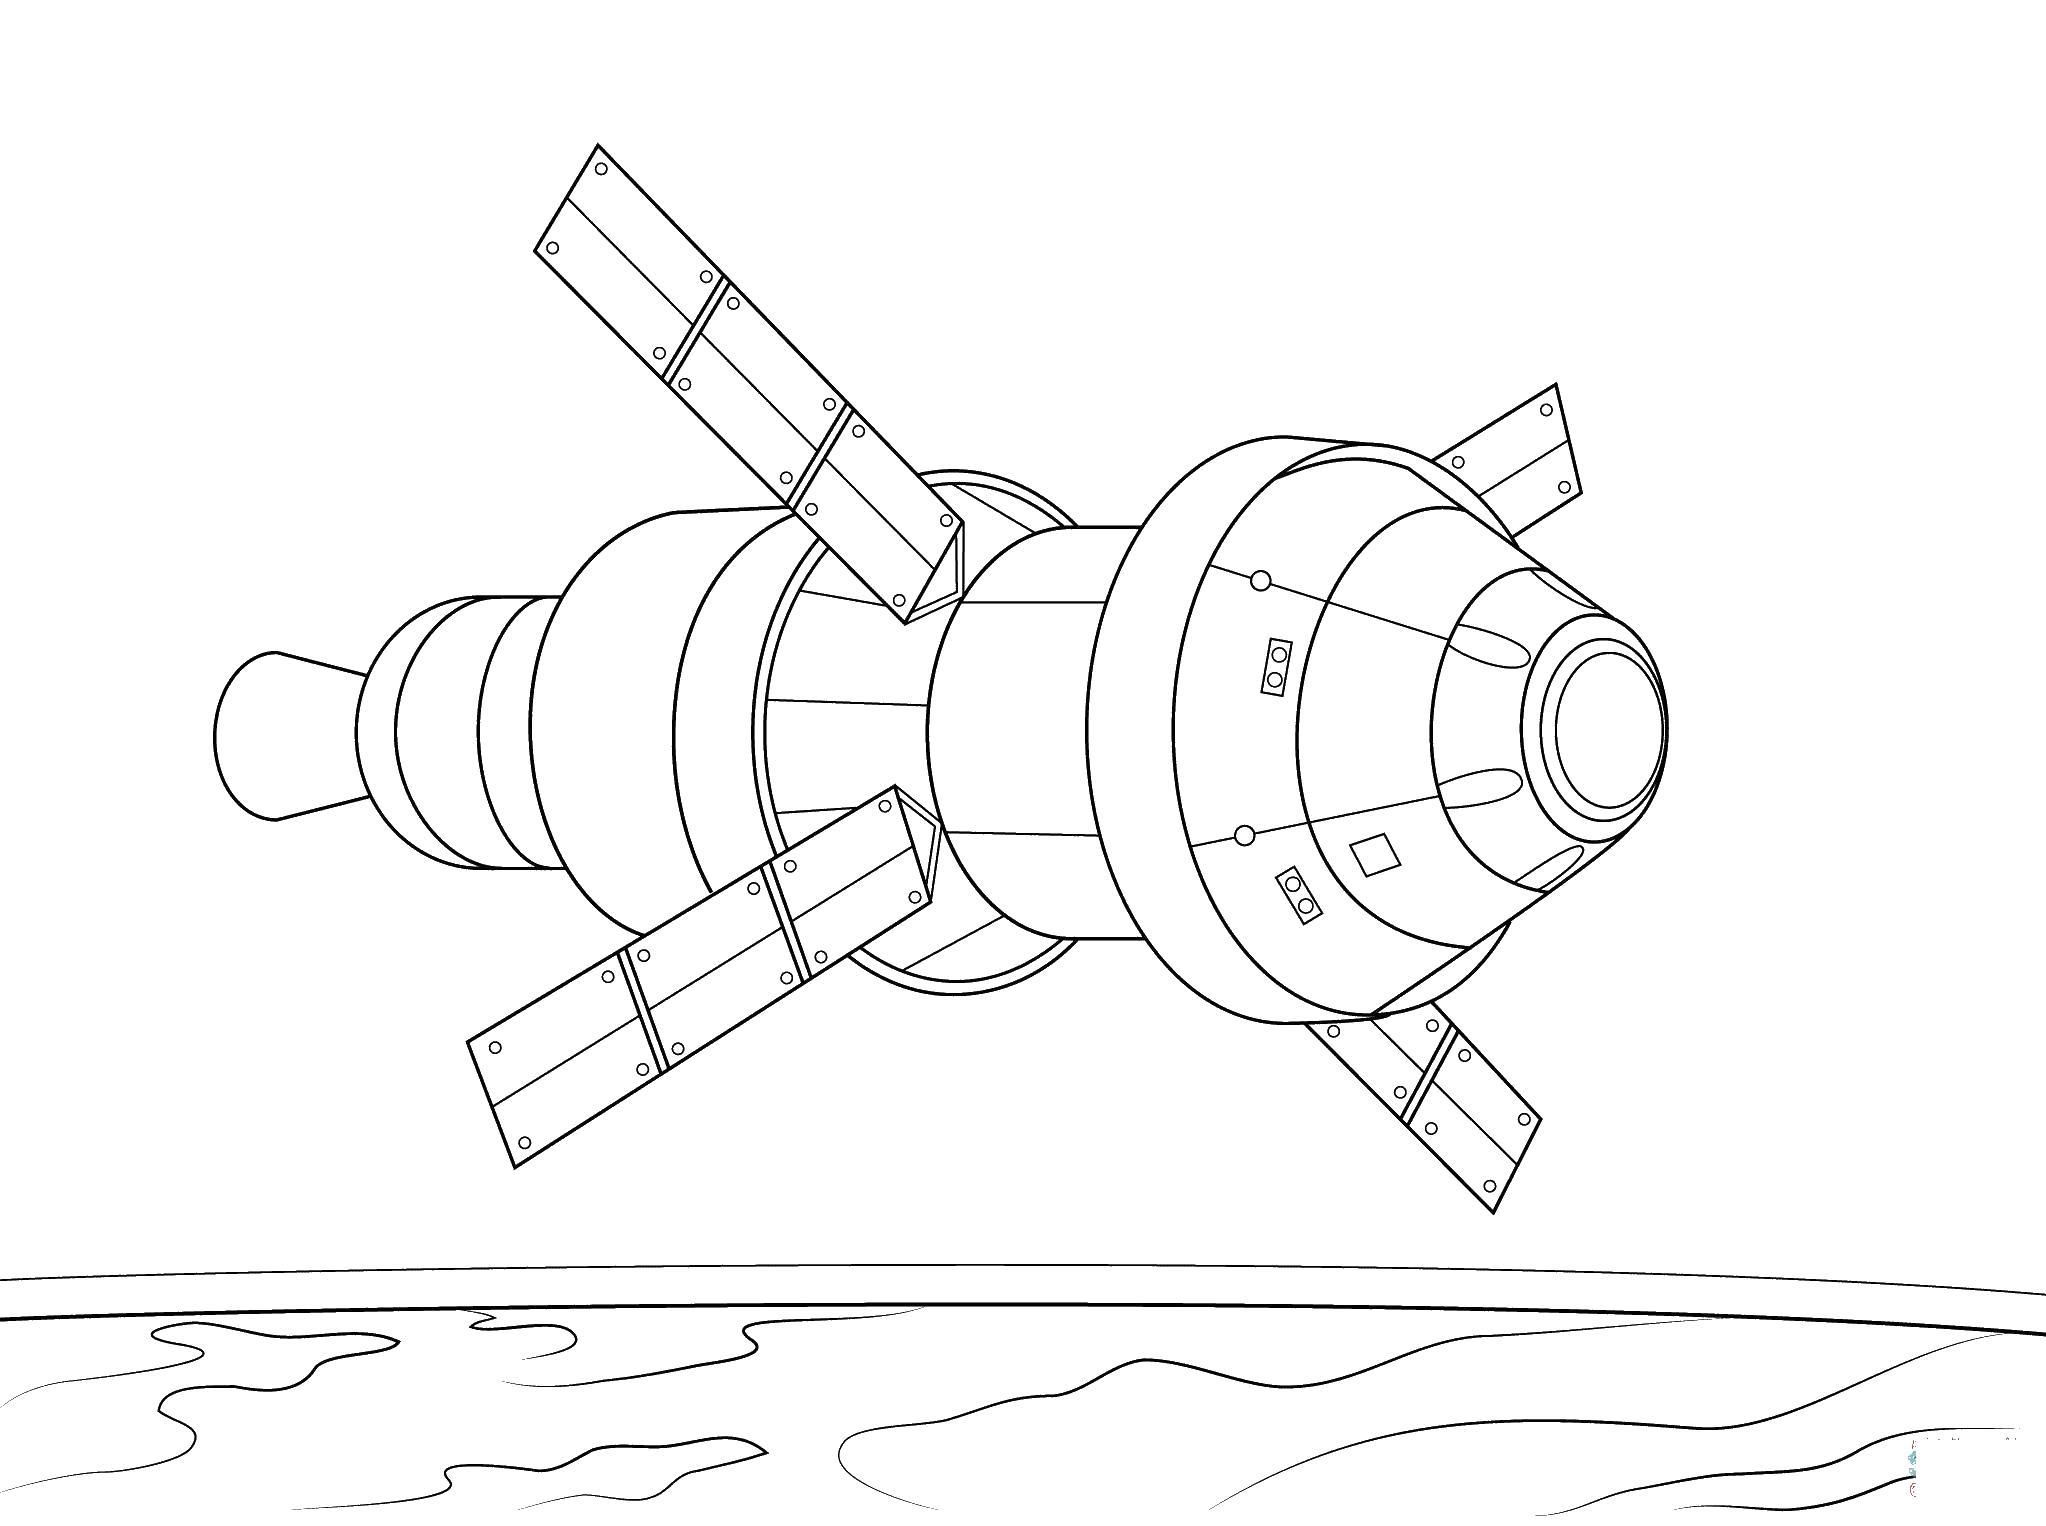 Спутник облетает землю Скачать раскраски для мальчиков